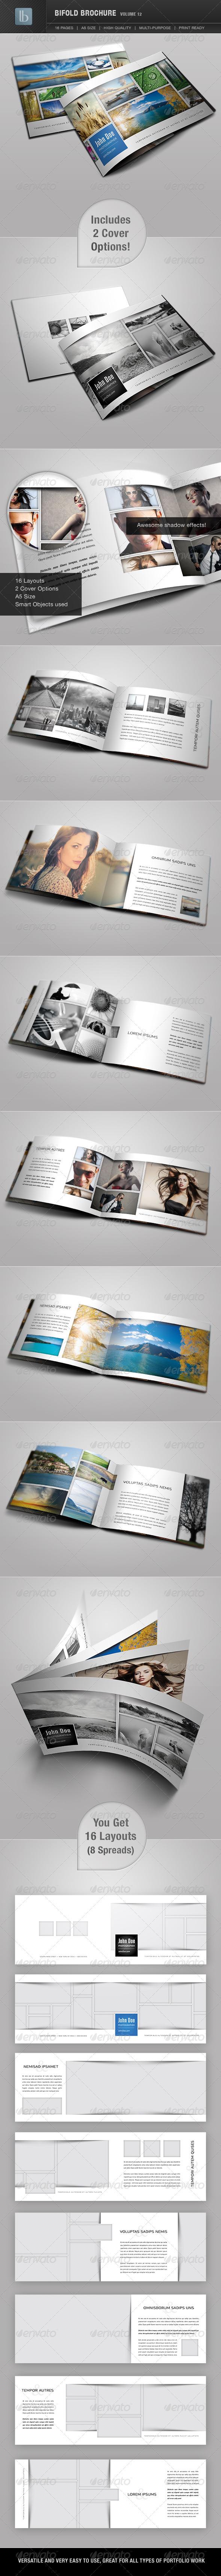 Bifold Brochure | Volume 12 - Brochures Print Templates